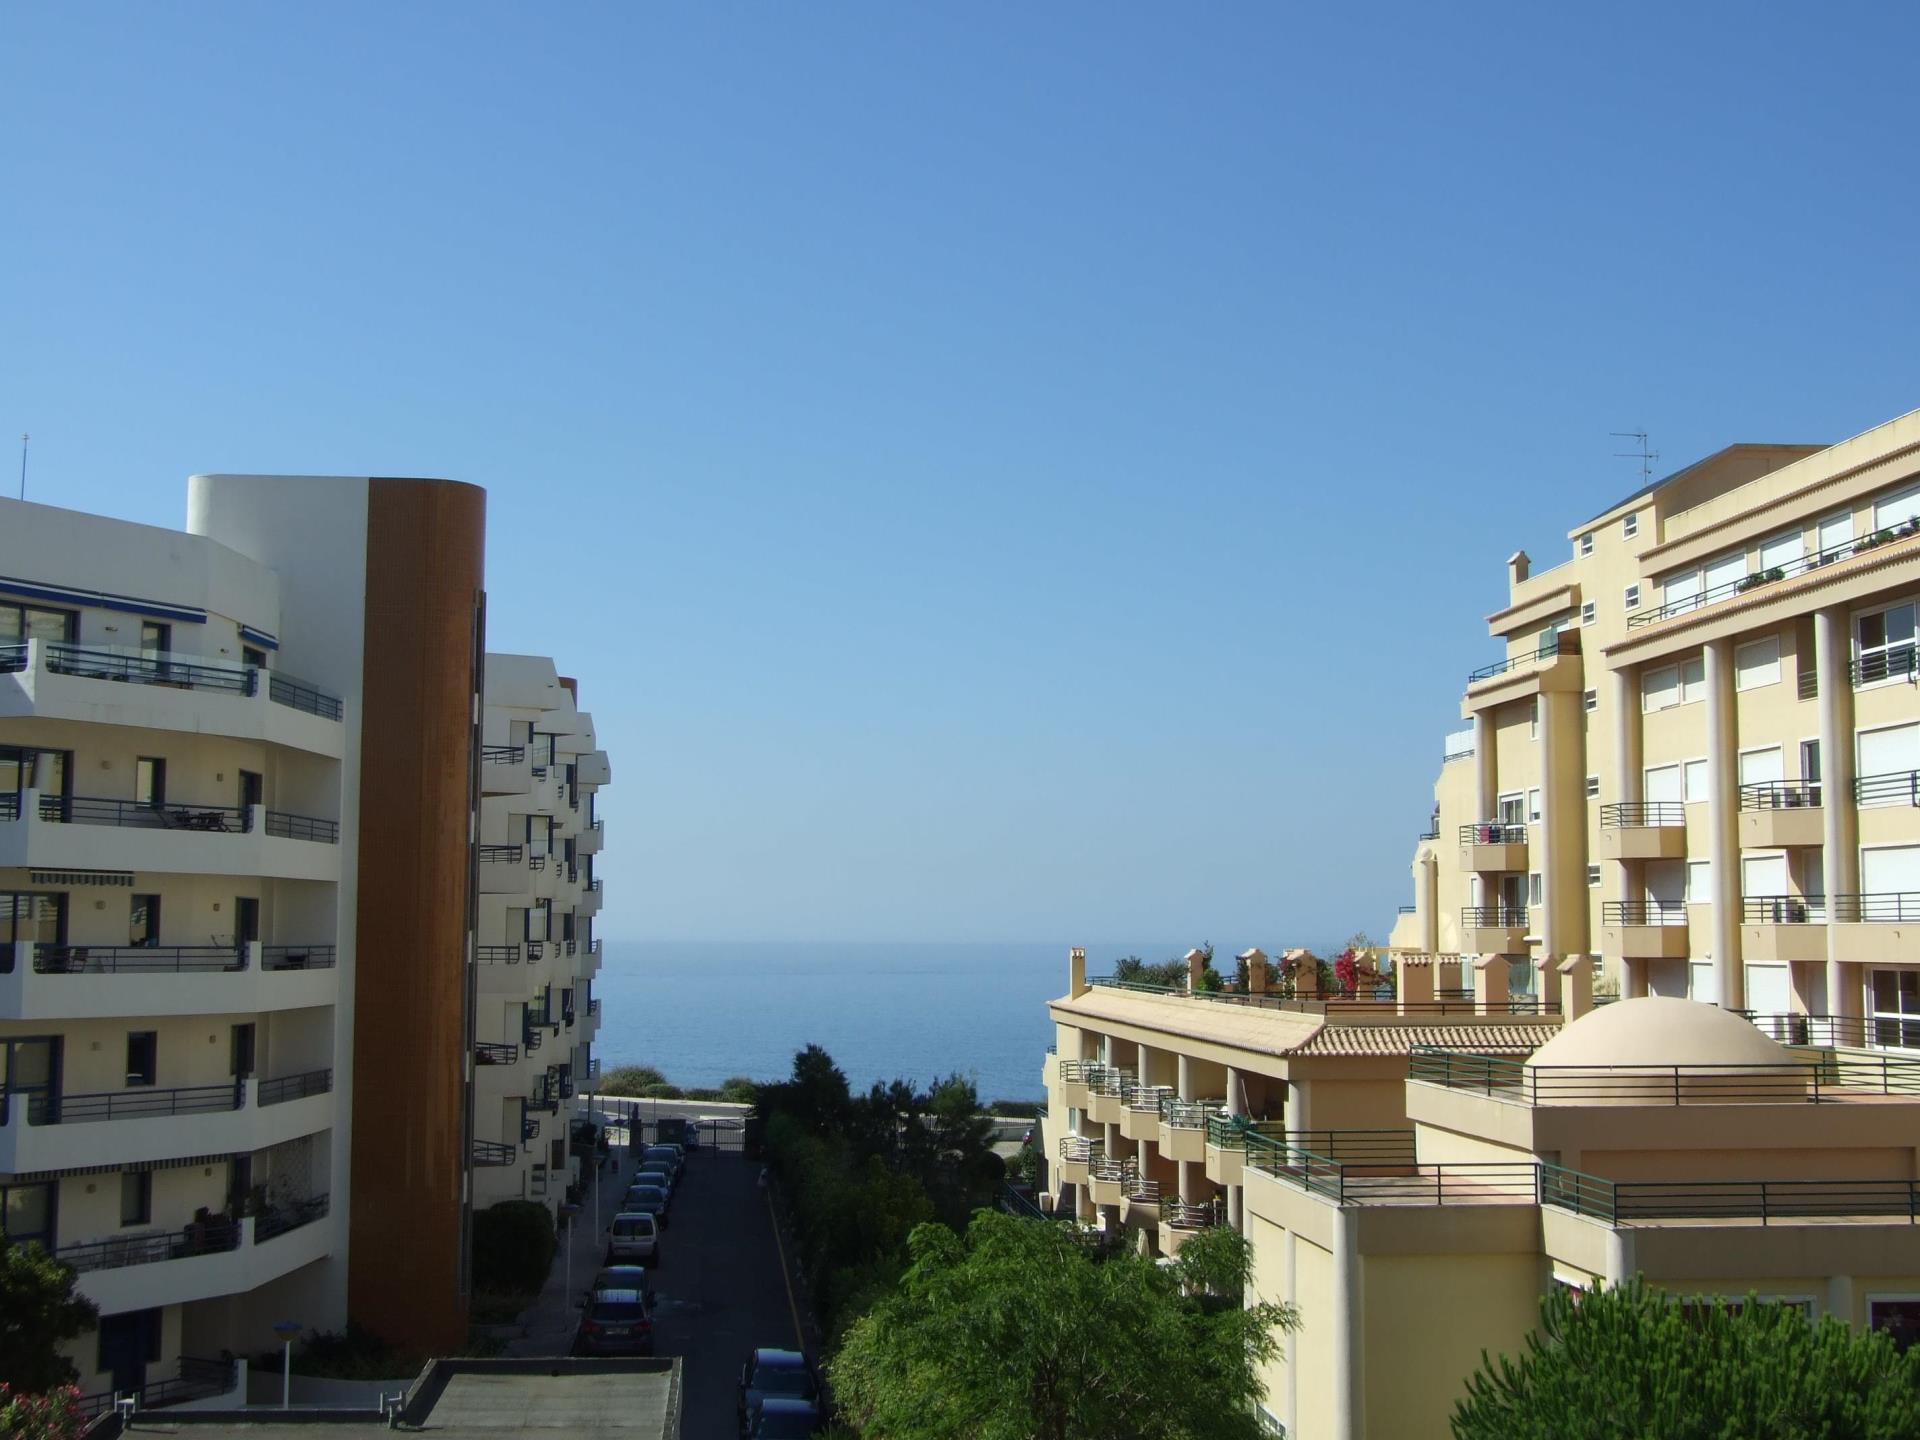 Căn hộ vì Bán tại Flat, 5 bedrooms, for Sale Cascais, Lisboa Bồ Đào Nha